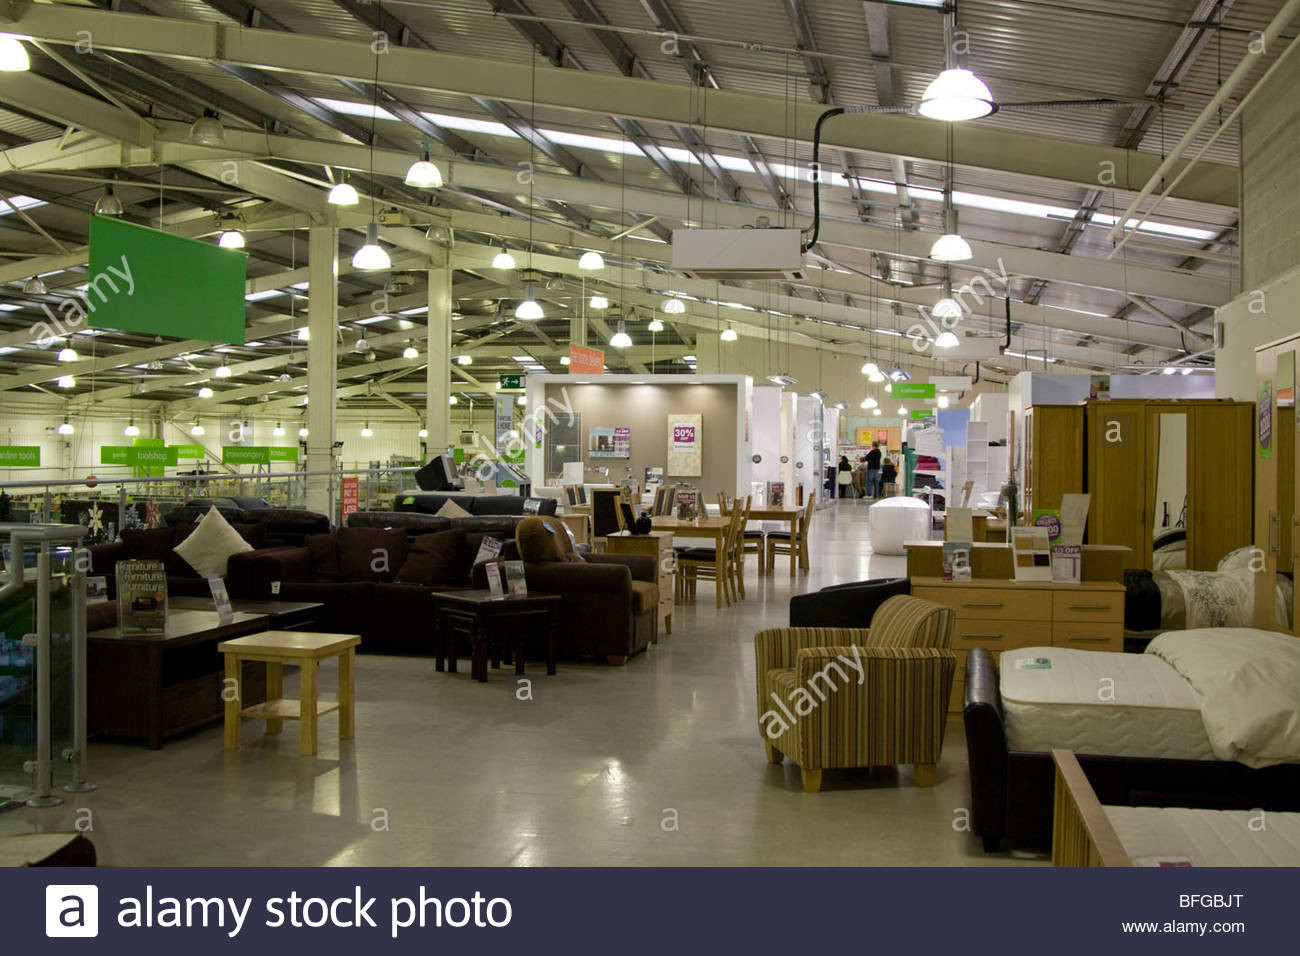 Diy Store  Homebase DIY store Furniture and Homewares department